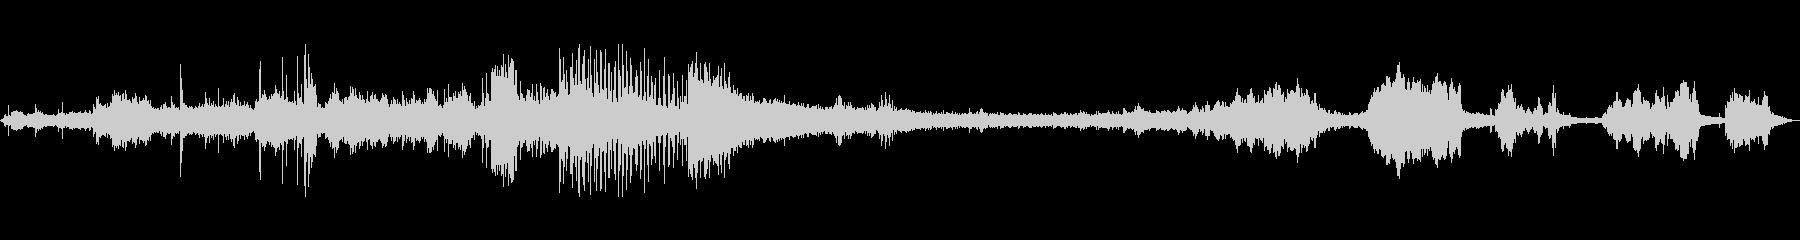 ピアノ、ホラー、FX、クラッシュ、...の未再生の波形